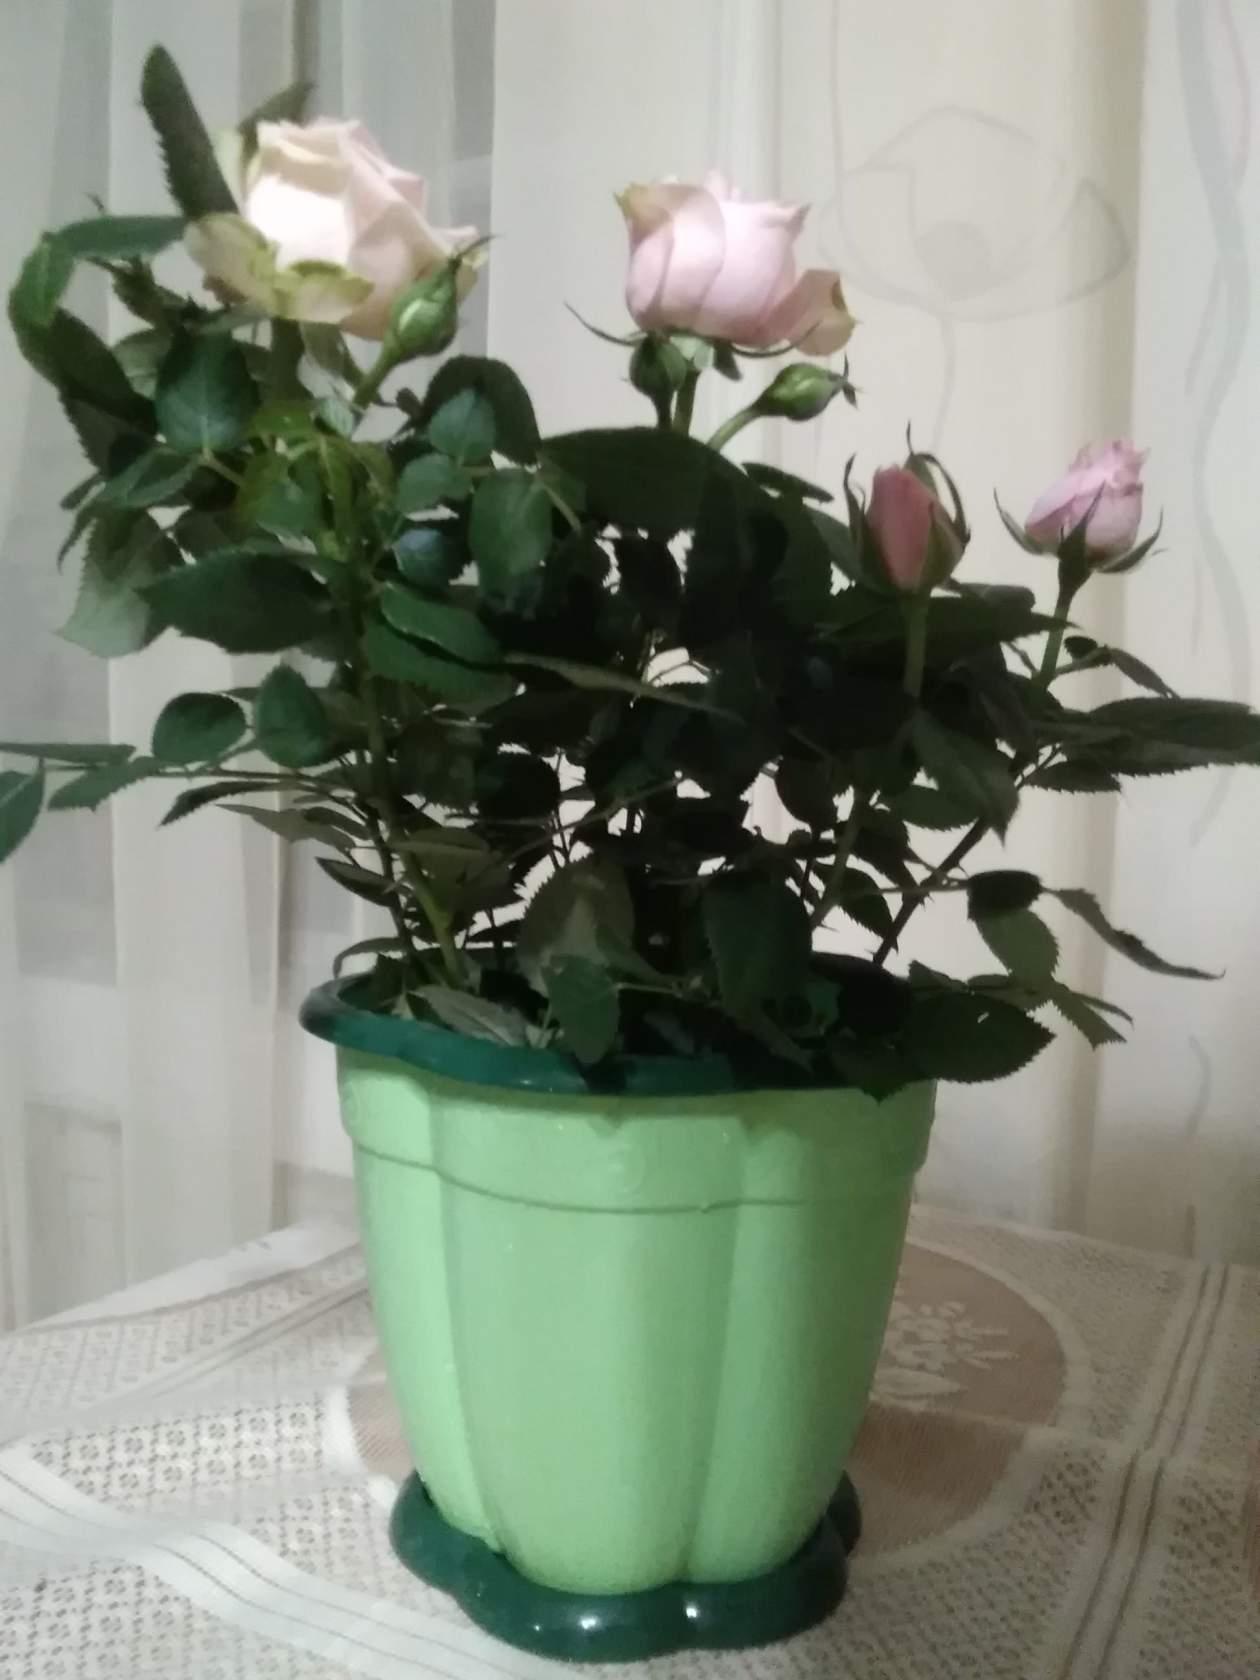 Почему миниатюрная роза часто погибает после покупки?